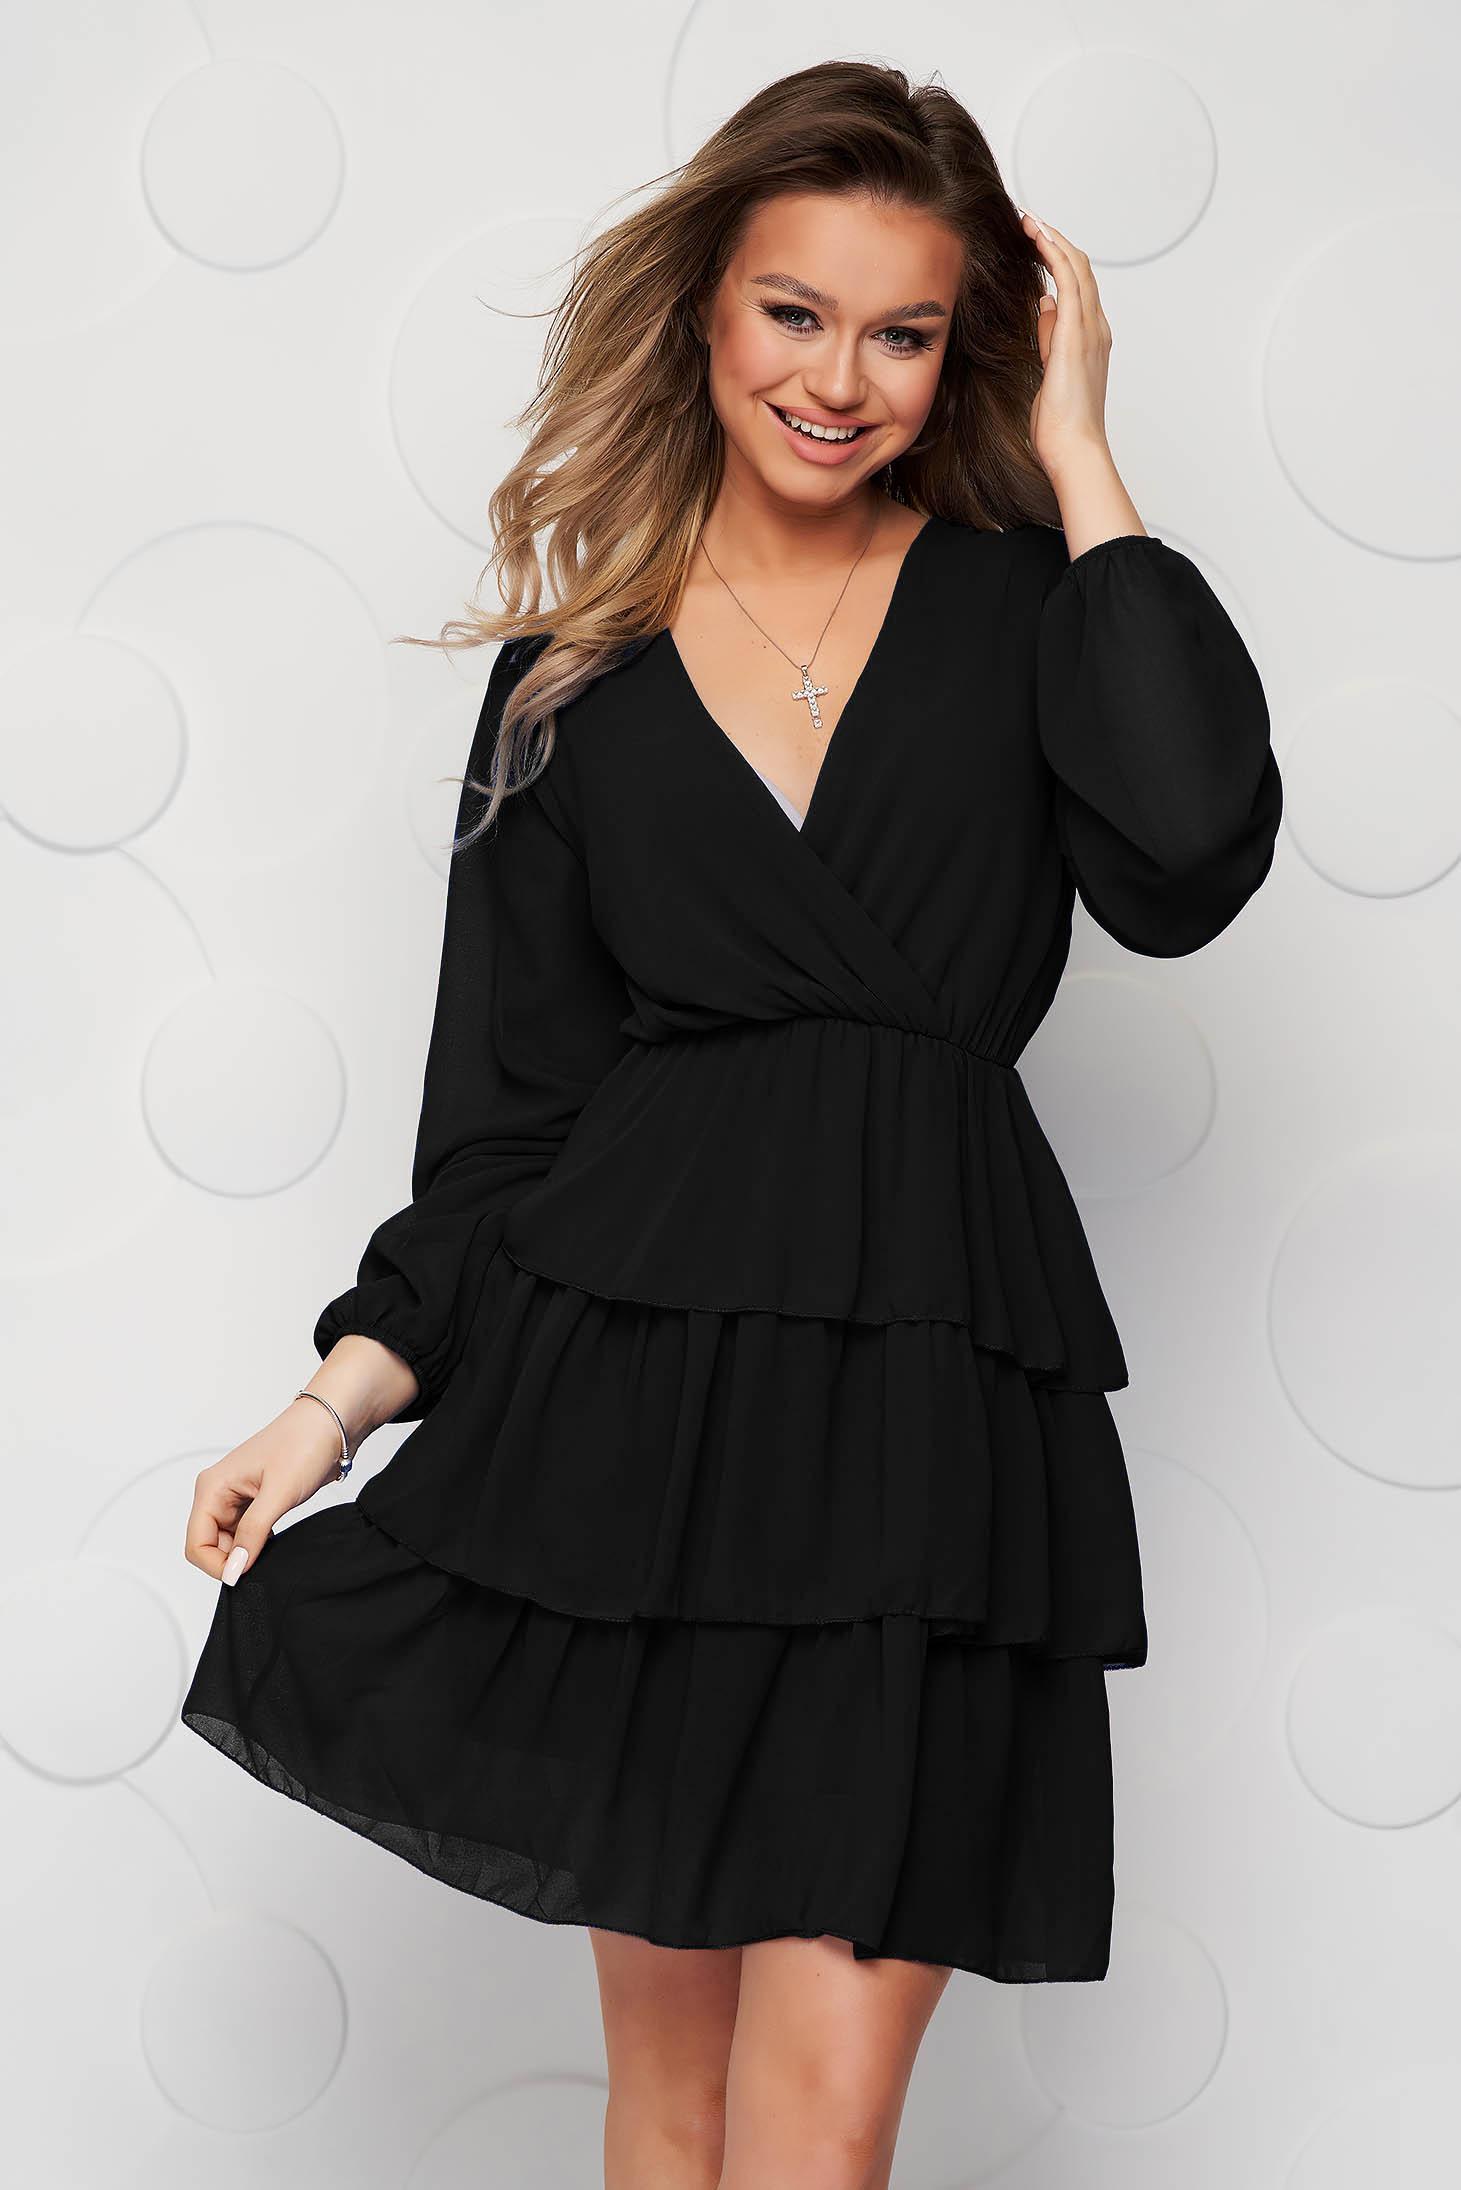 Fekete fodros ruha muszlinból harang alakú gumirozott derékrésszel